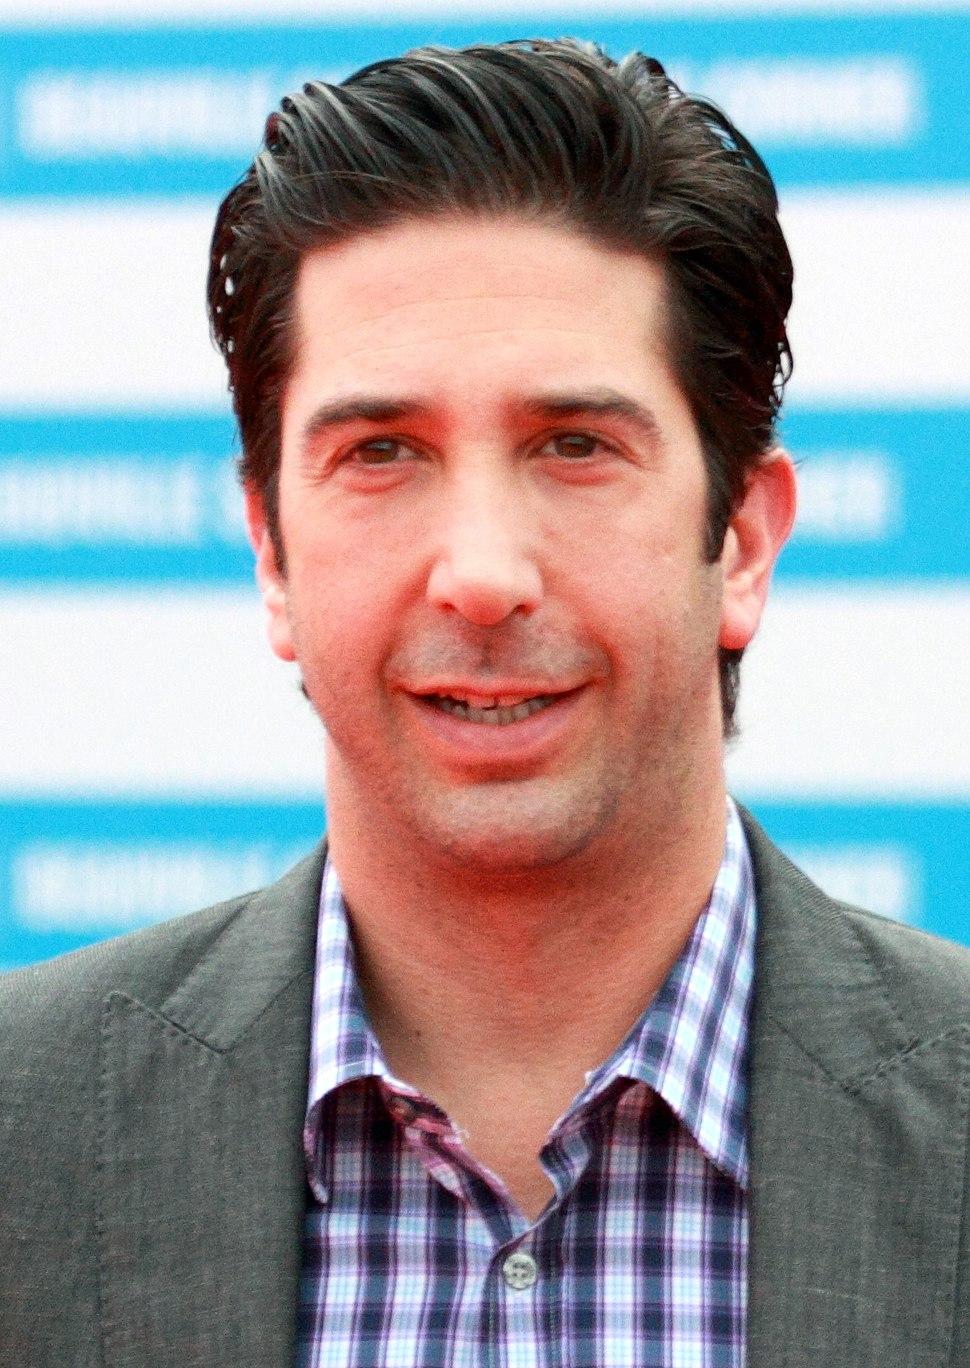 David Schwimmer 2011